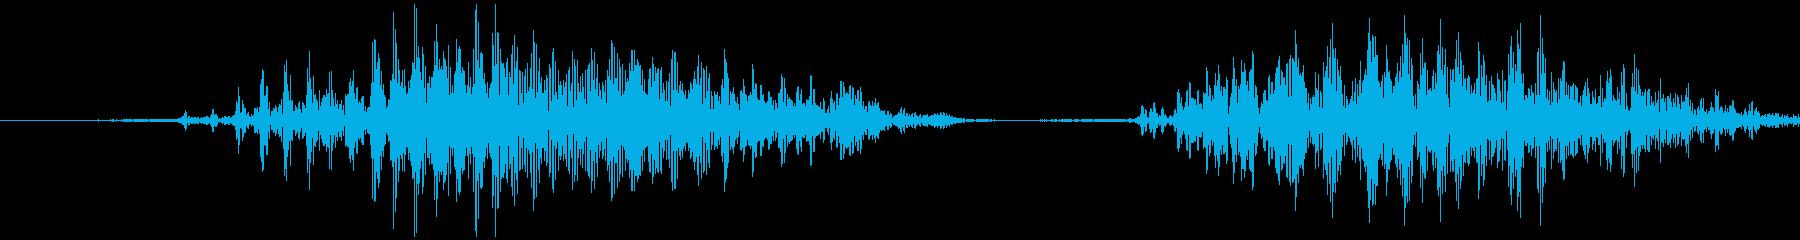 スマイルハンマー ビヨッ(低め)の再生済みの波形